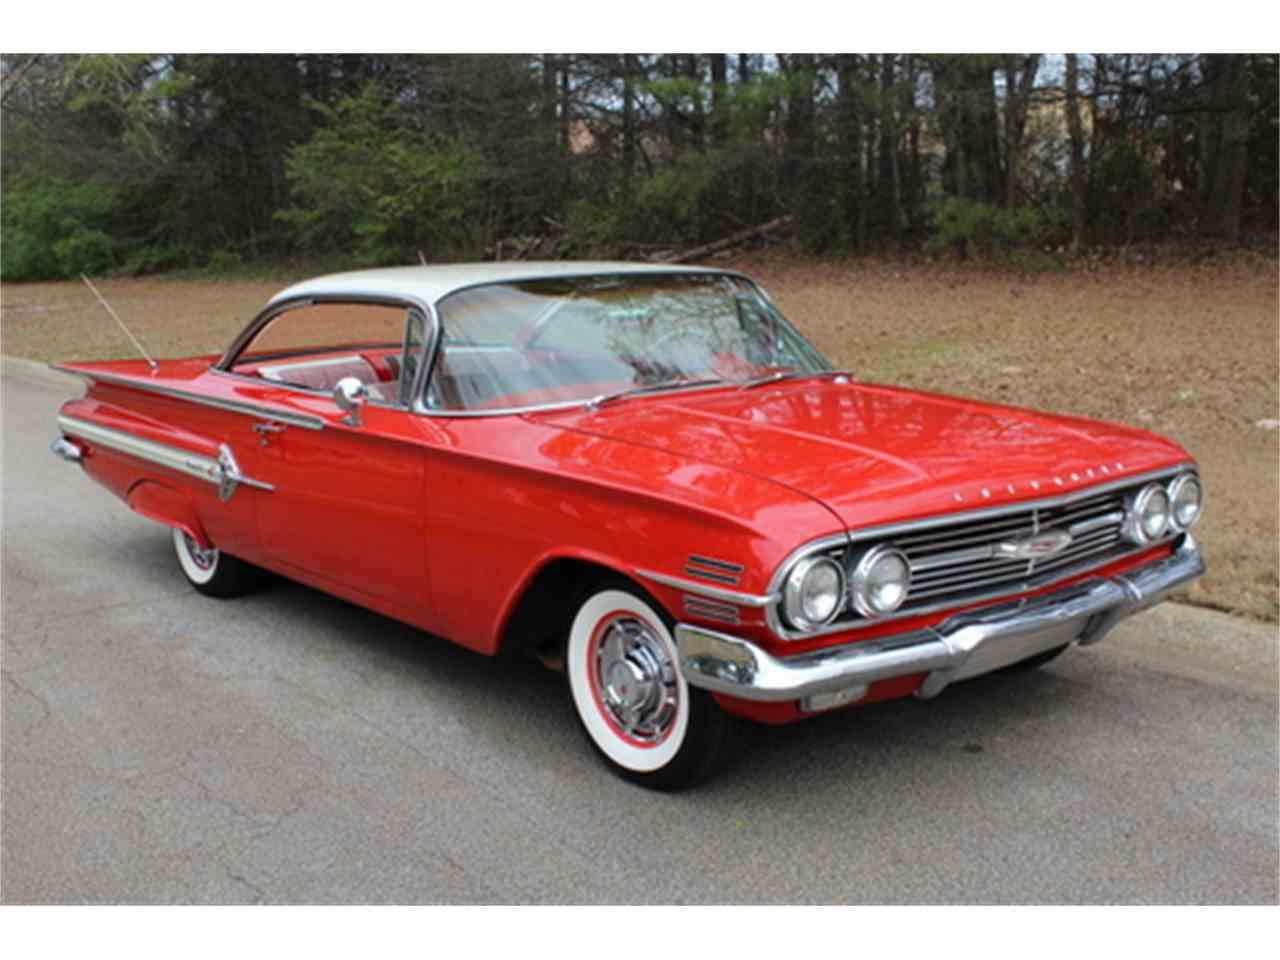 1960 Chevrolet Impala For Sale Classiccars Com Cc 964930